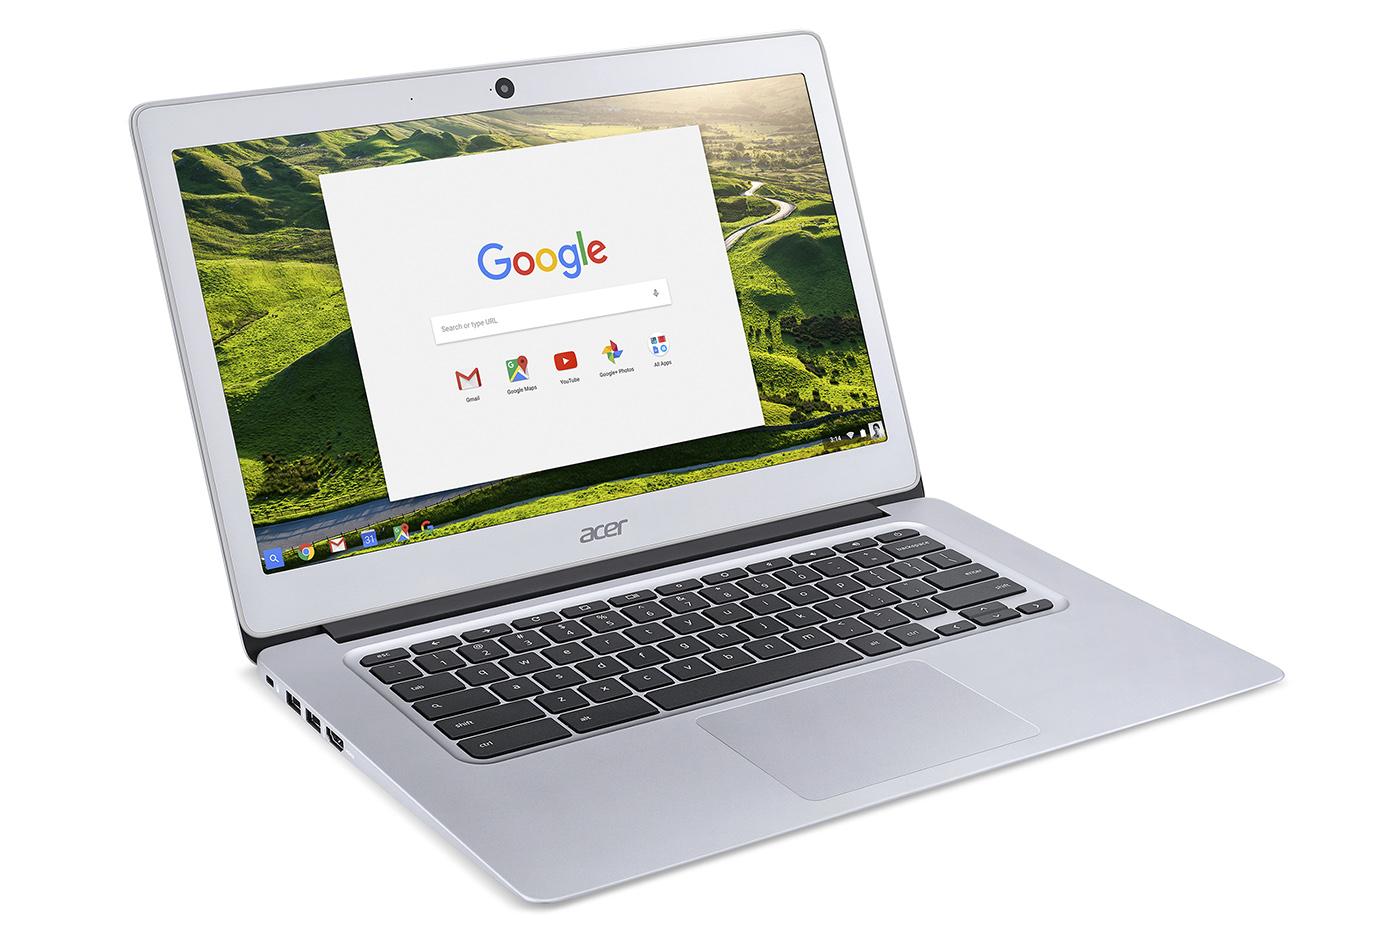 Acer Chromebook 14 ធ្វើពីអាលុយមីញ៉ូមសុទ្ធ តម្លៃត្រឹមតែ $299 ប៉ុណ្ណោះ